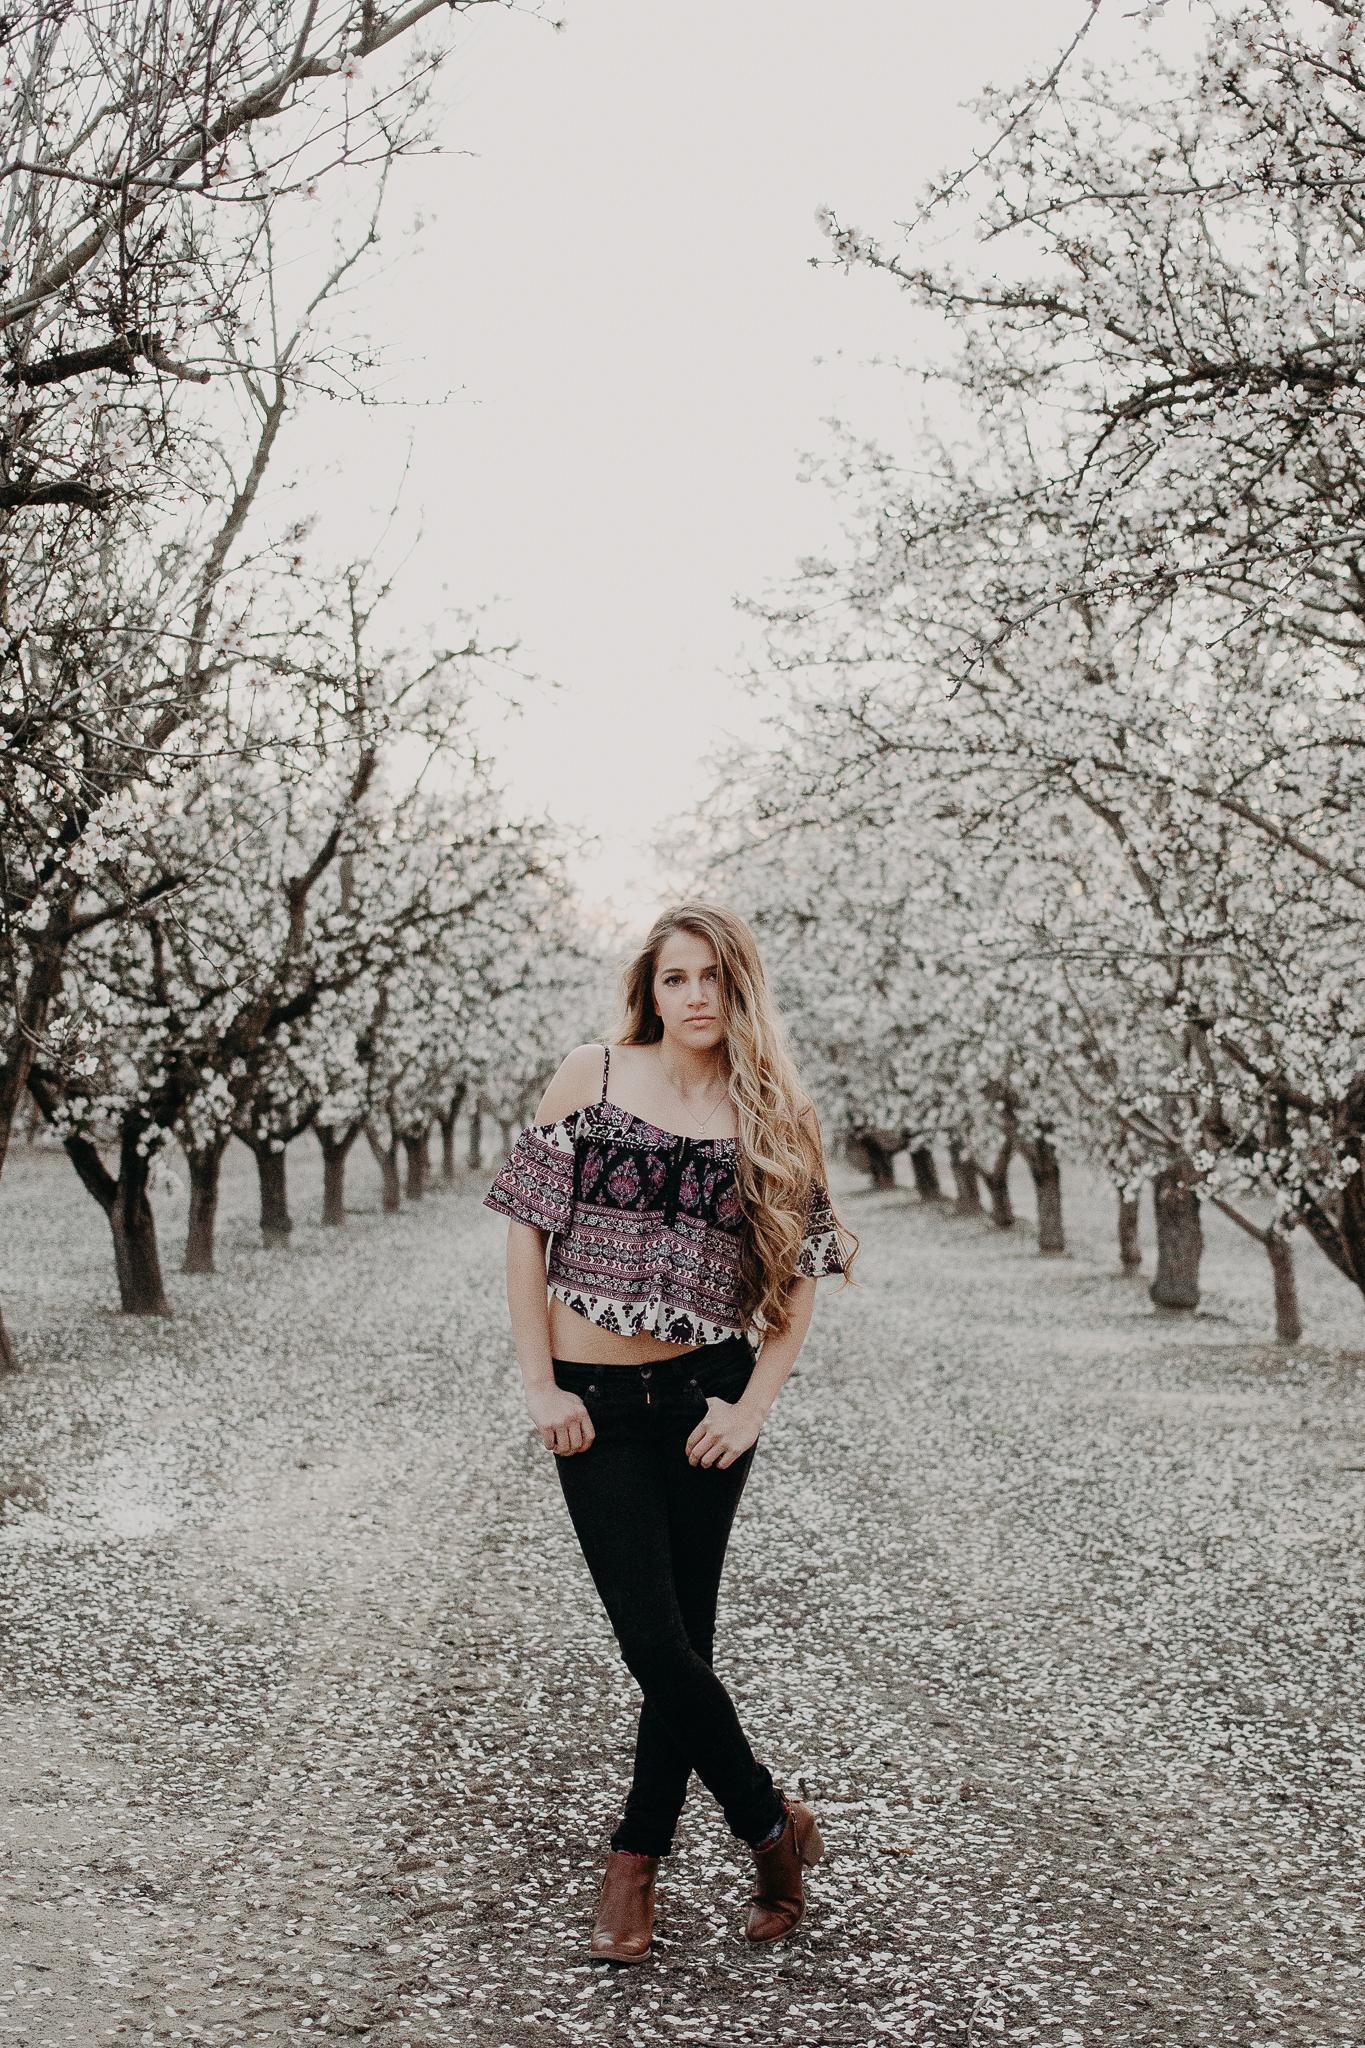 Gabby - Almond Blossom4